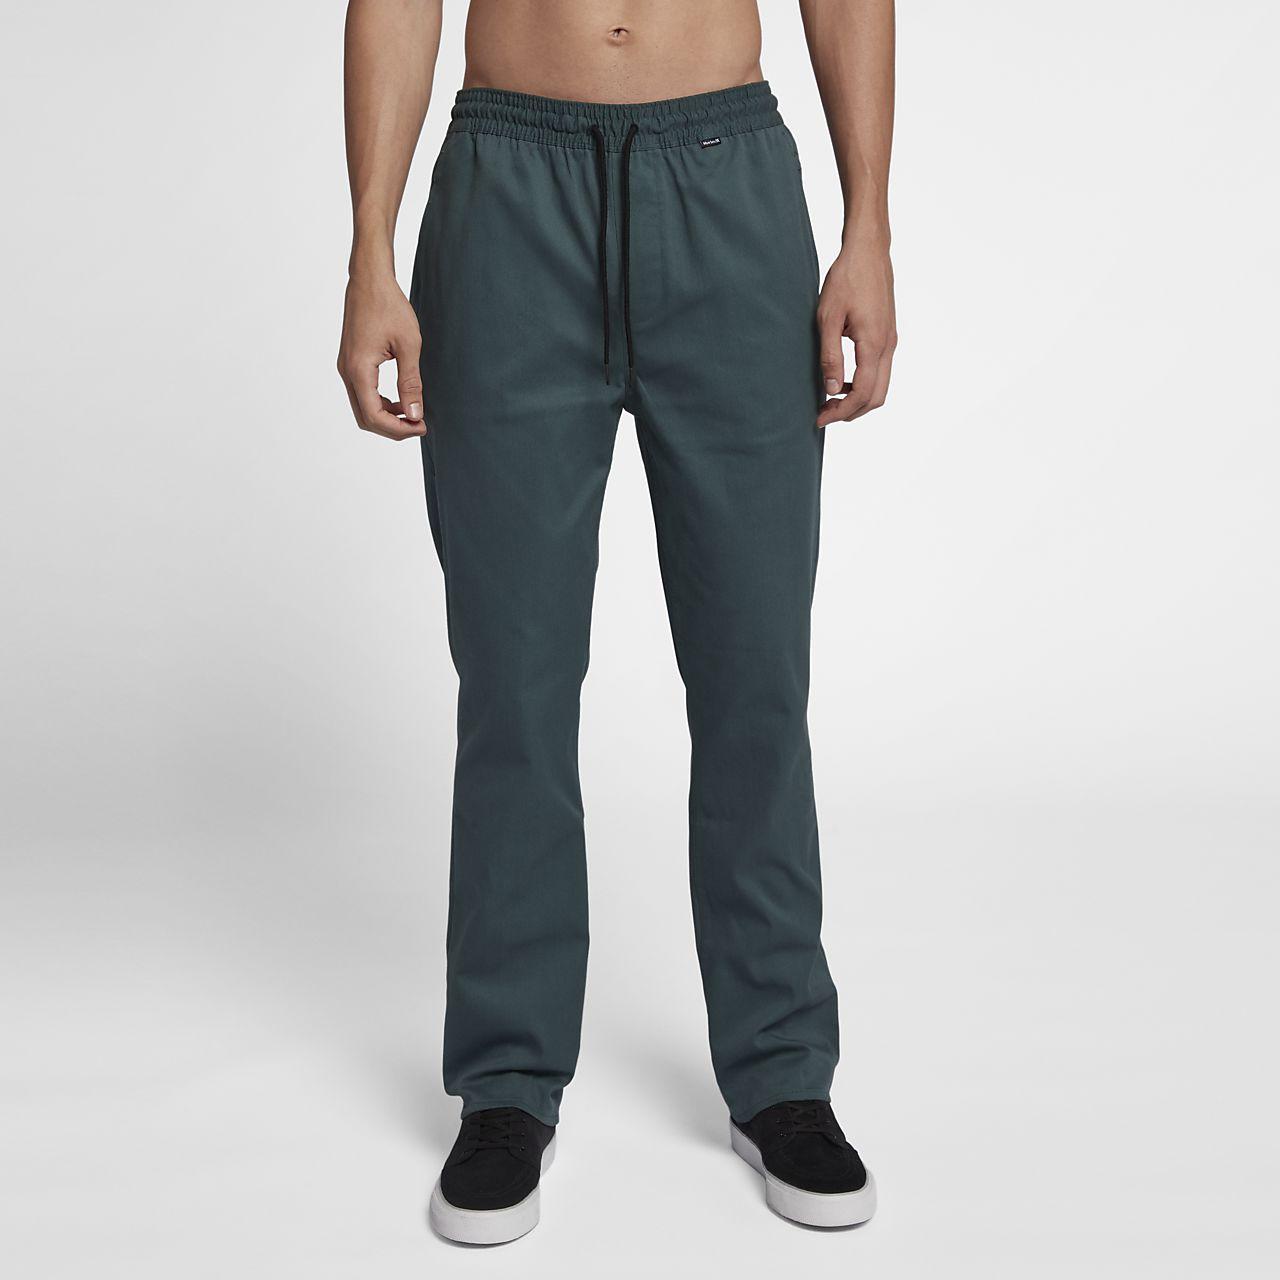 Pantalones para hombre Hurley Dri-FIT Ditch